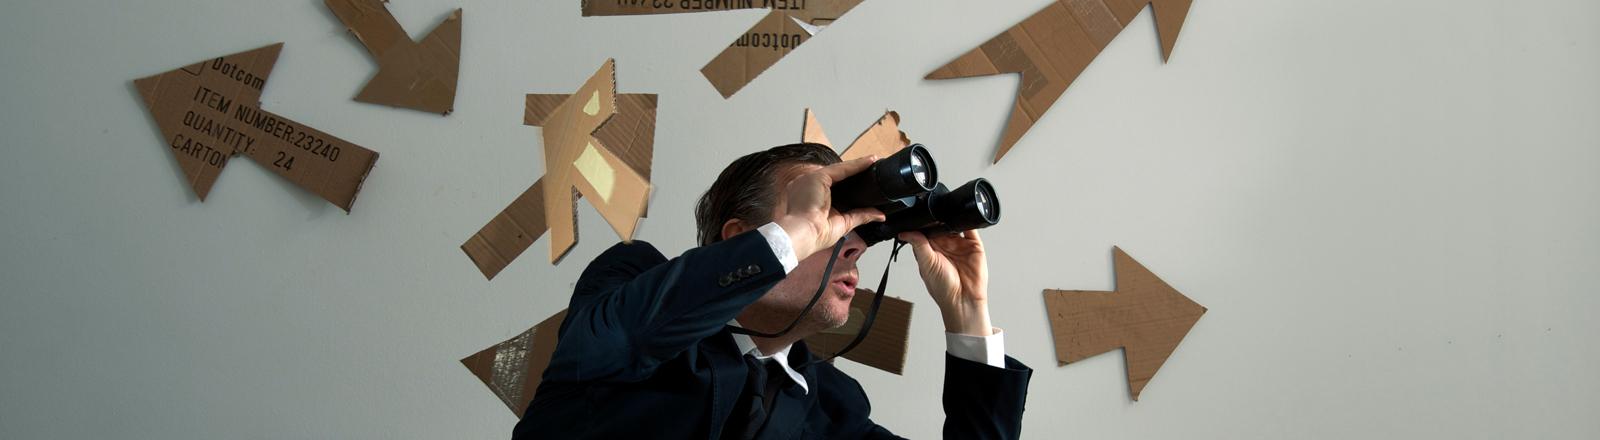 Ein Mann mit Fernglas. Hinter ihm sind Pfeile zu sehen